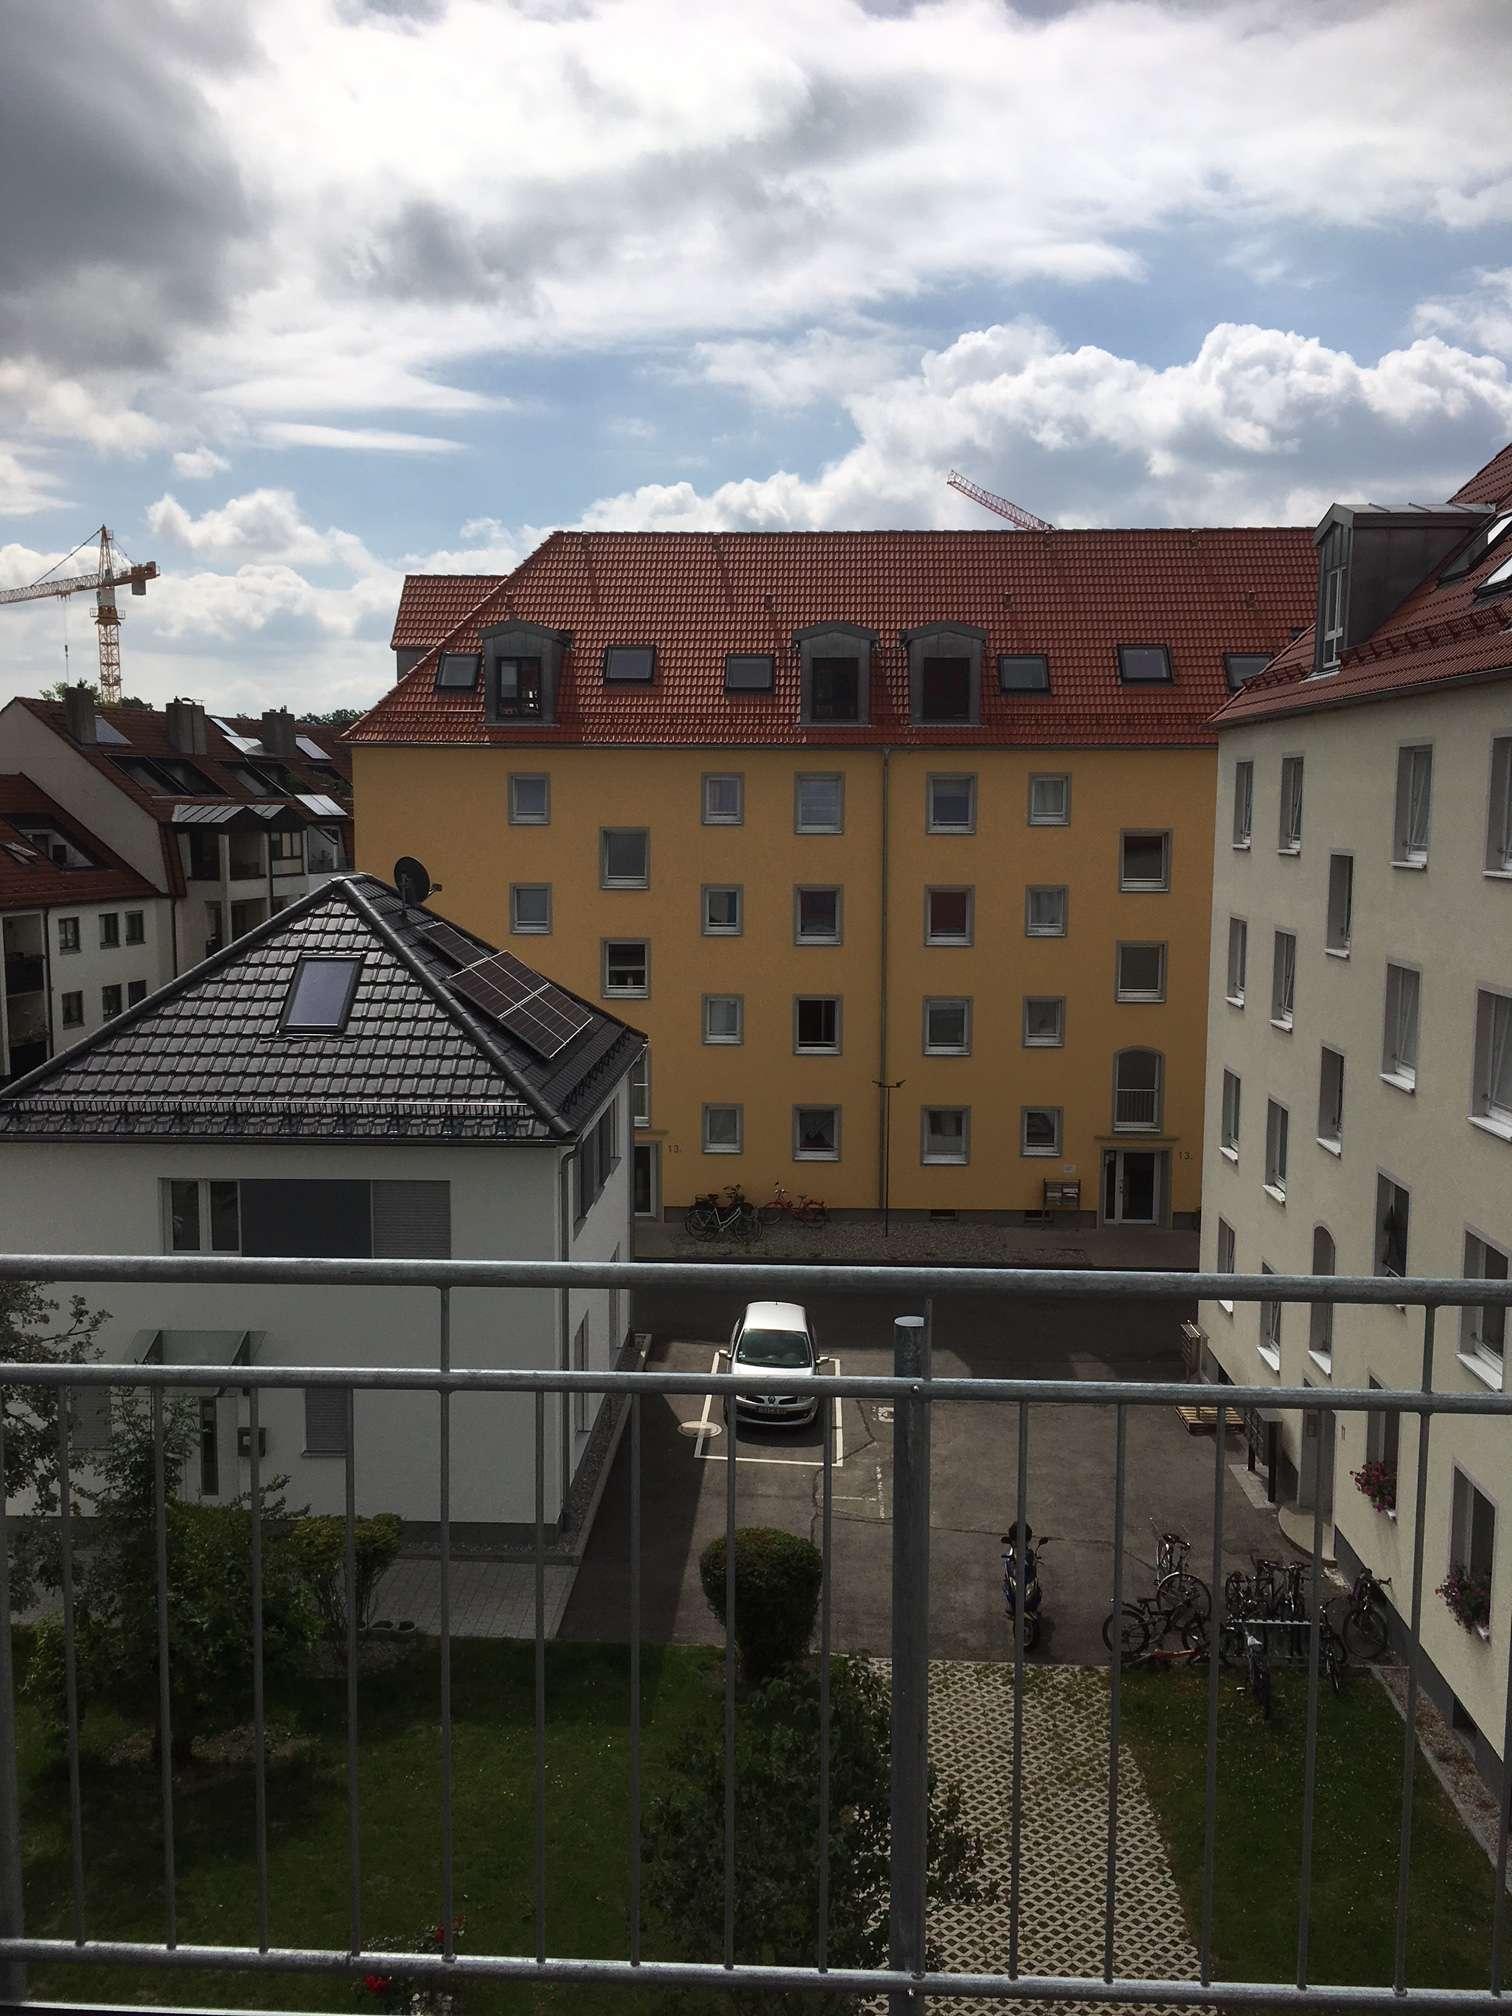 2 Zimmer Wohnung in sanierter Wohnanlage, H2F in Augsburg-Innenstadt